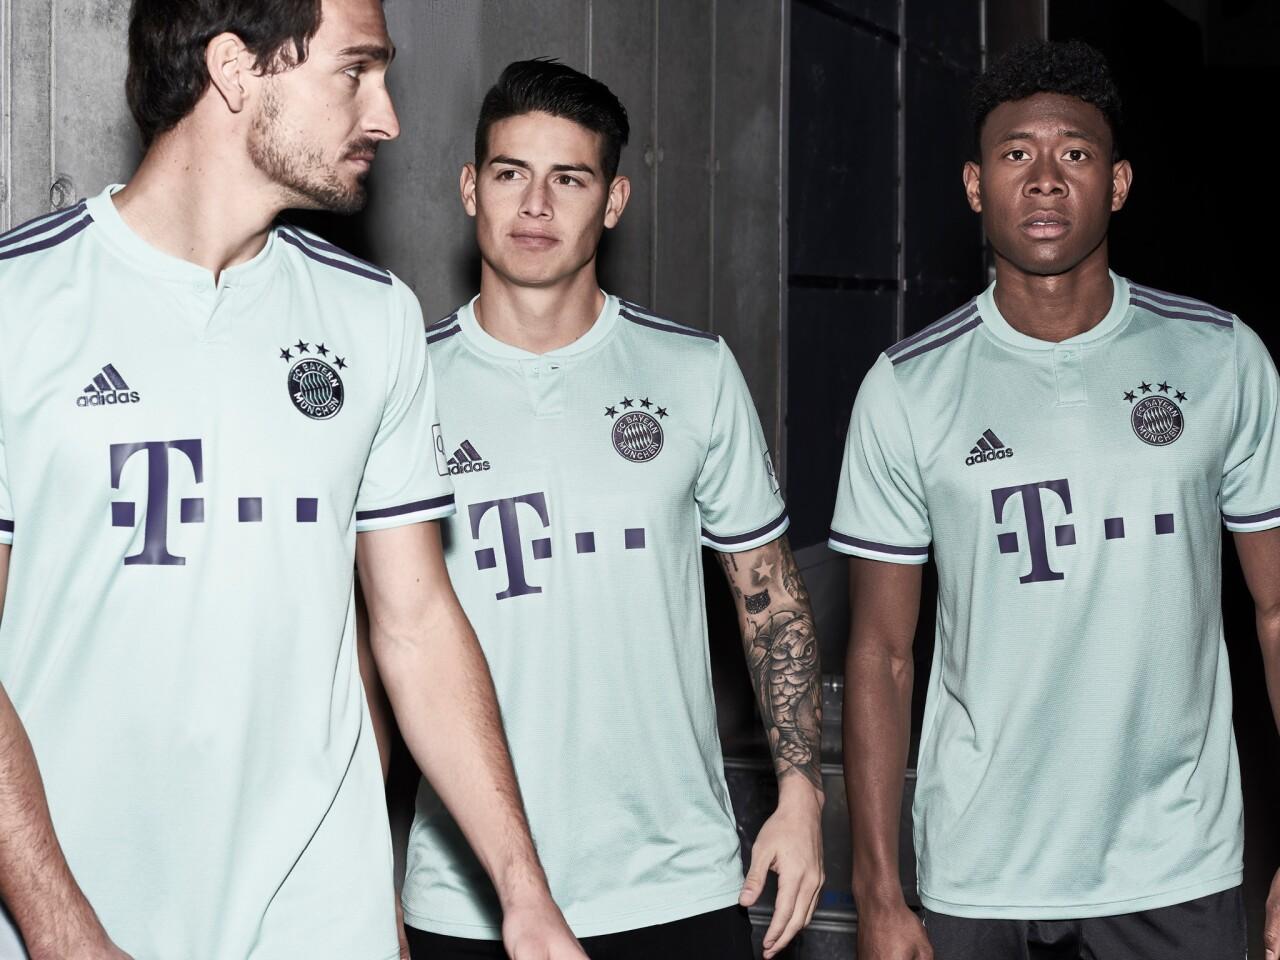 El poderoso equipo del Bayern Múnich develó su camiseta secundaria, para los partidos de visita del conjunto alemán. La camiseta es de color verde, con vivos morados. ¿Qué les parece?